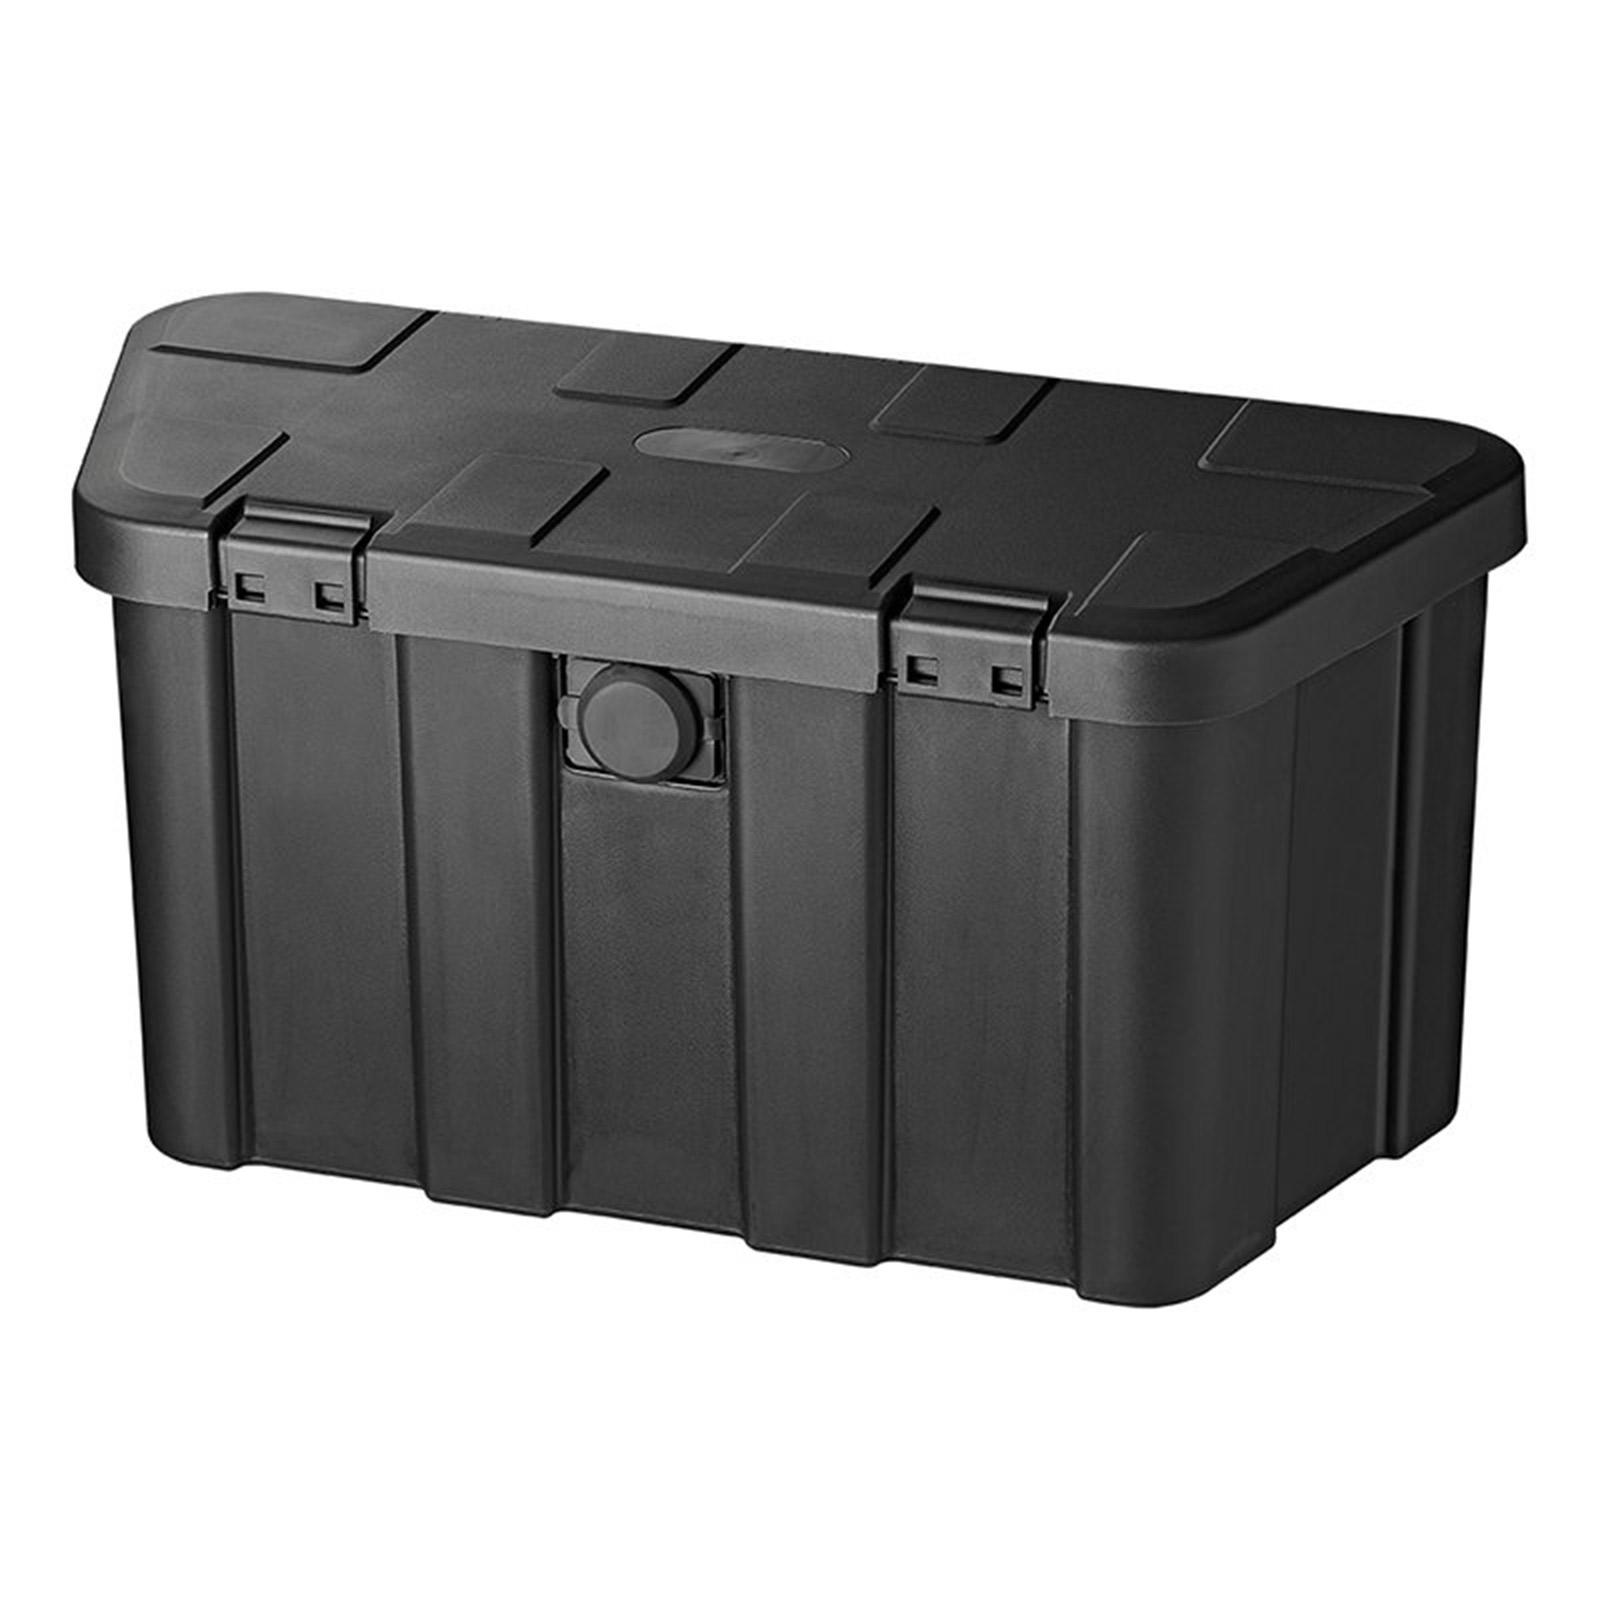 Deichselbox Anhänger | 45L | mit Zahlenschloss | inkl Montagematerial | Kiste